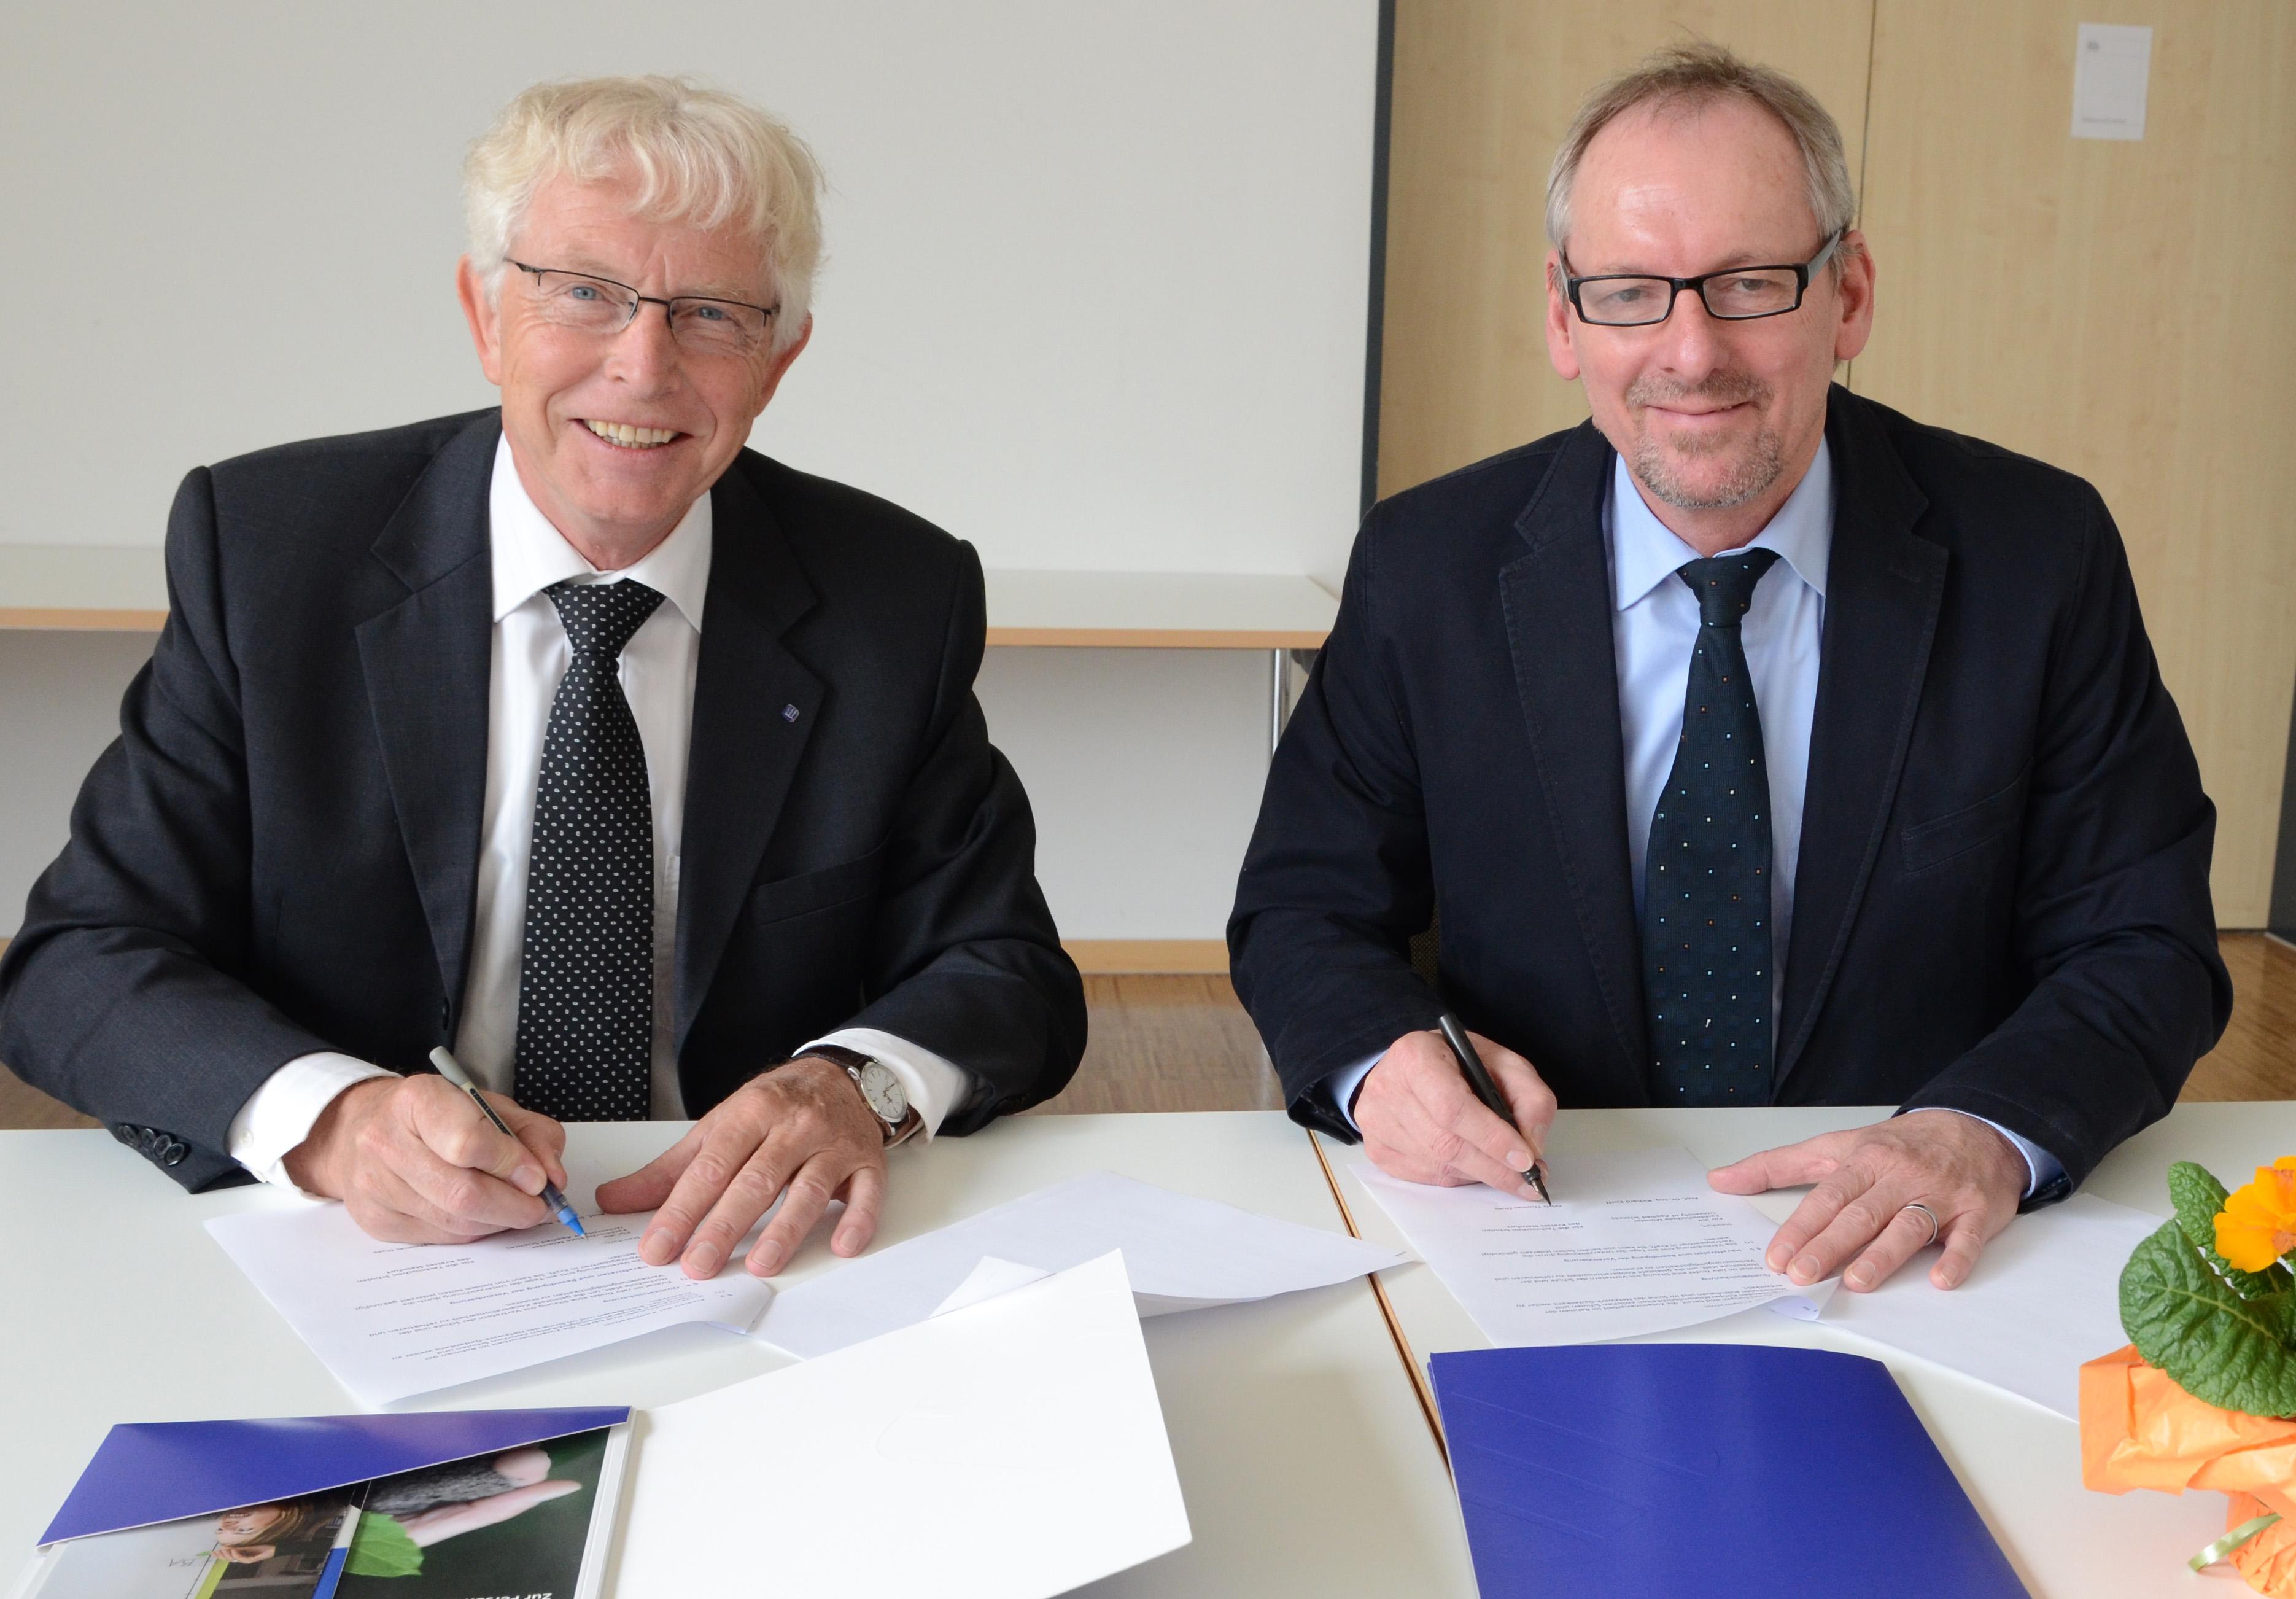 Vizepräsident Prof. Dr. Richard Korff von der Fachhochschule Münster und Schulleiter Thomas Dues bei der Vertragsunterzeichnung